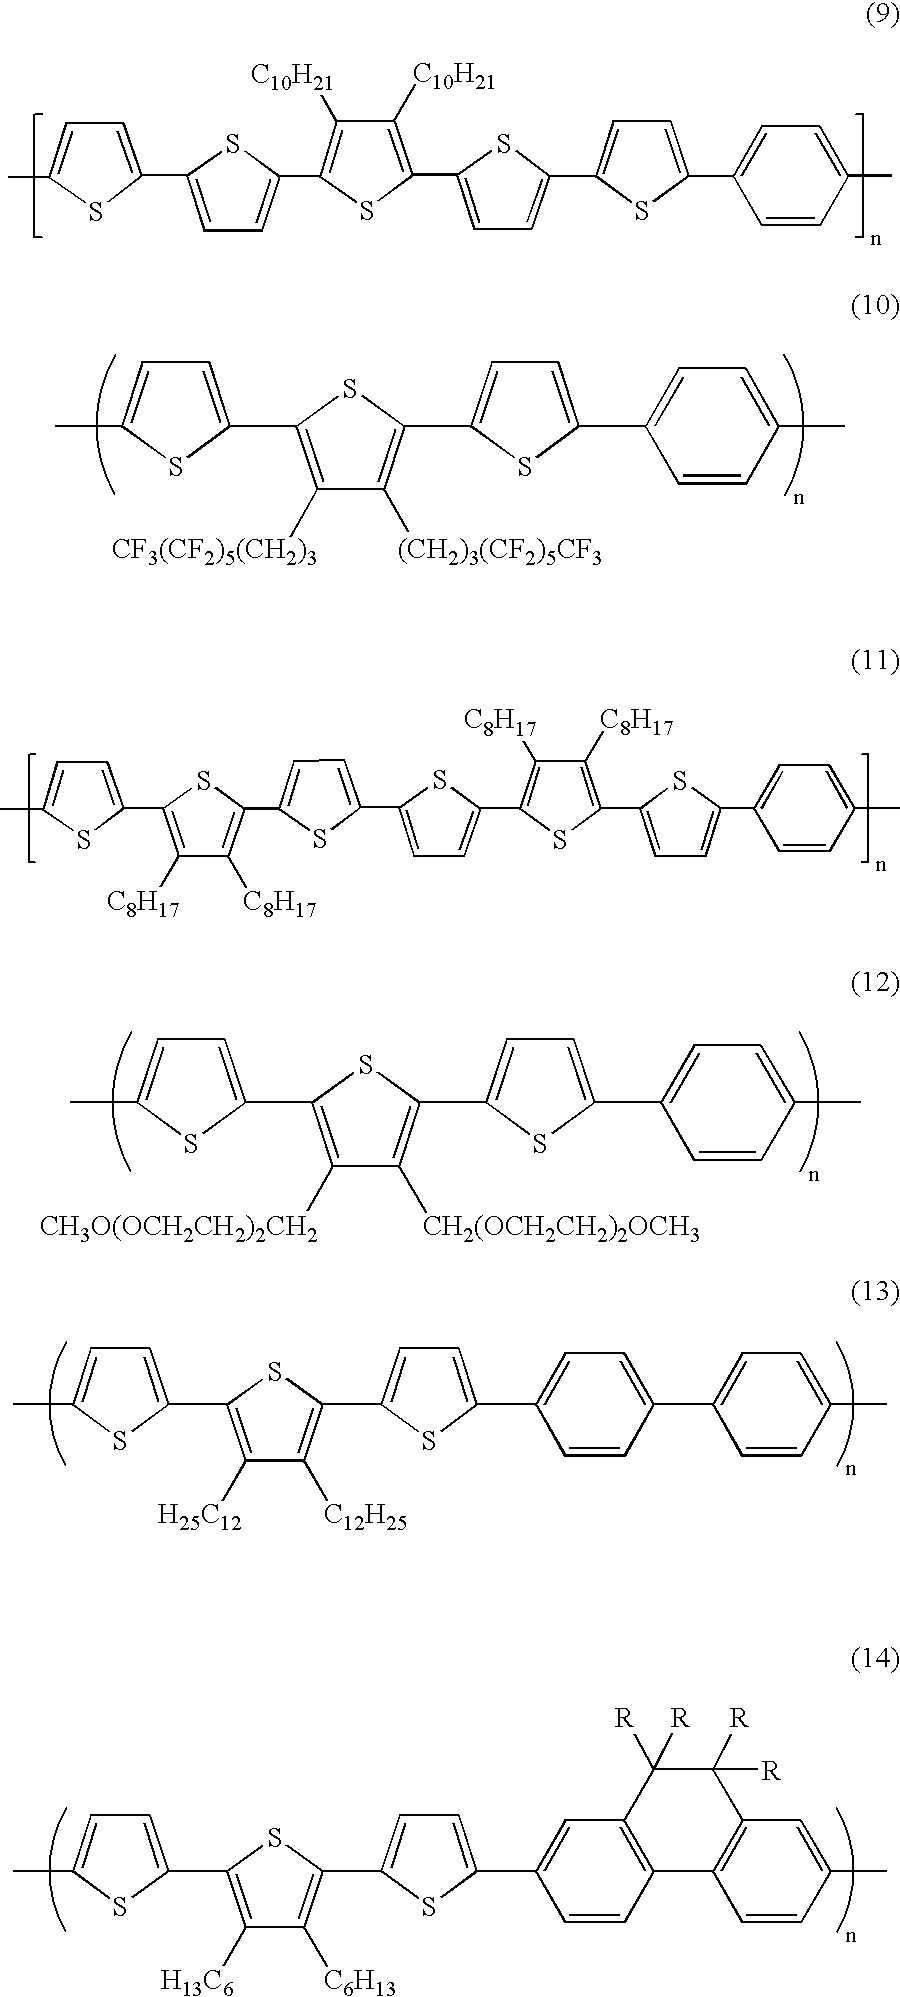 Figure US06777529-20040817-C00006